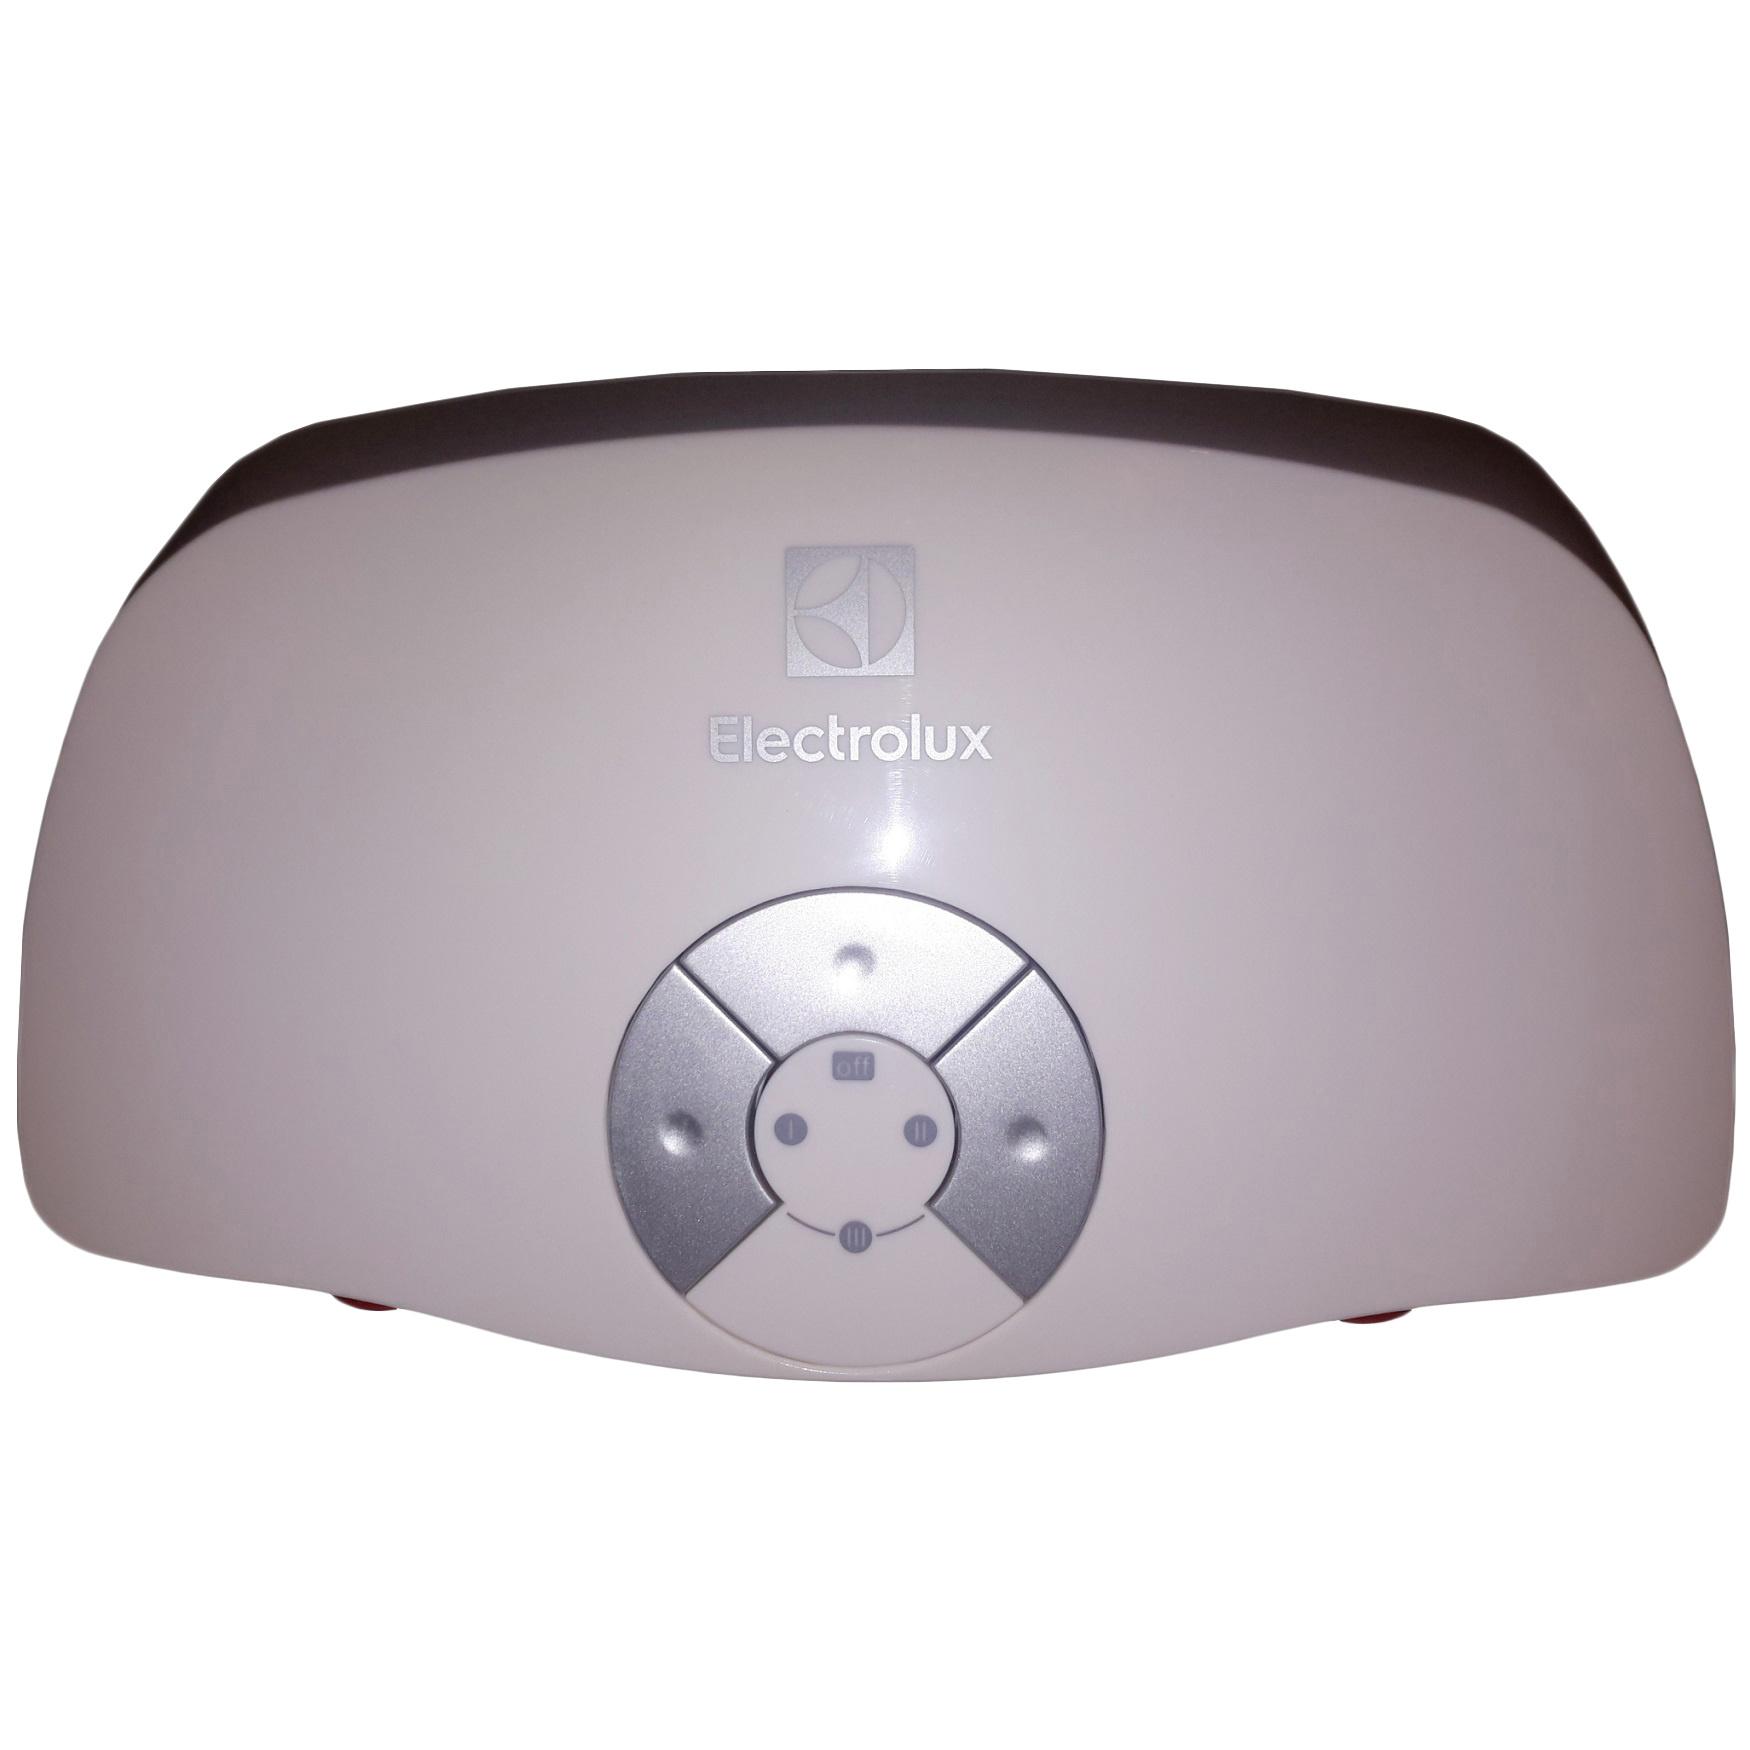 Водонагреватель проточный Electrolux Smartfix 2.0 TS (душ+кран)